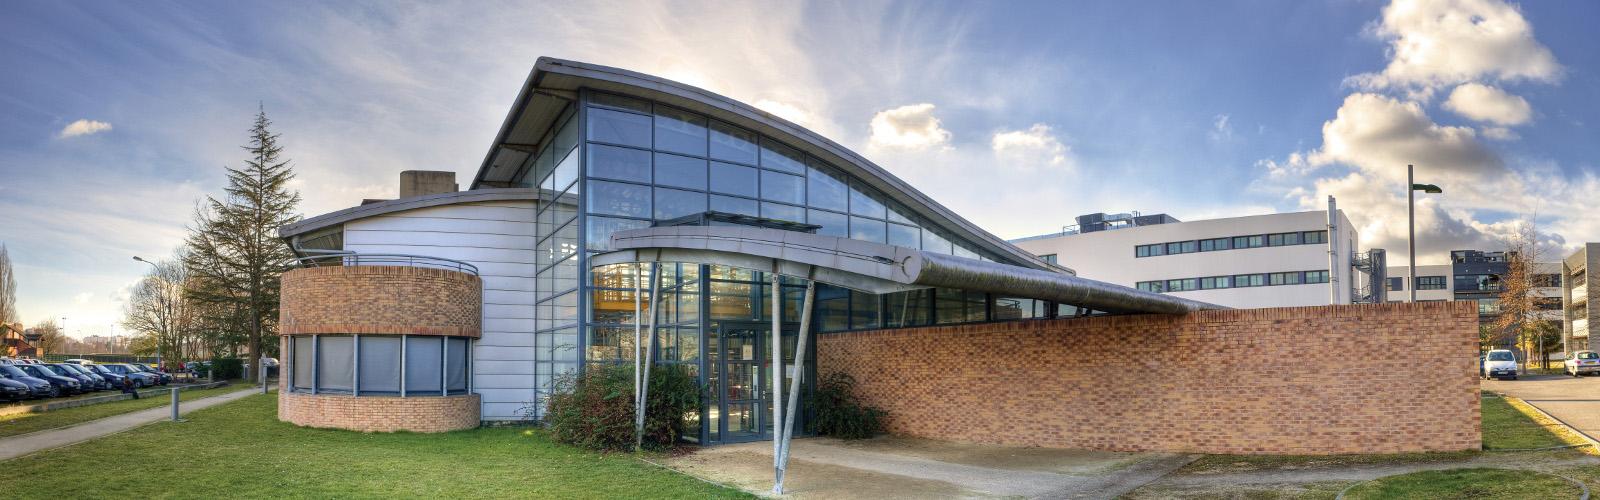 Photo exterieure de l'école